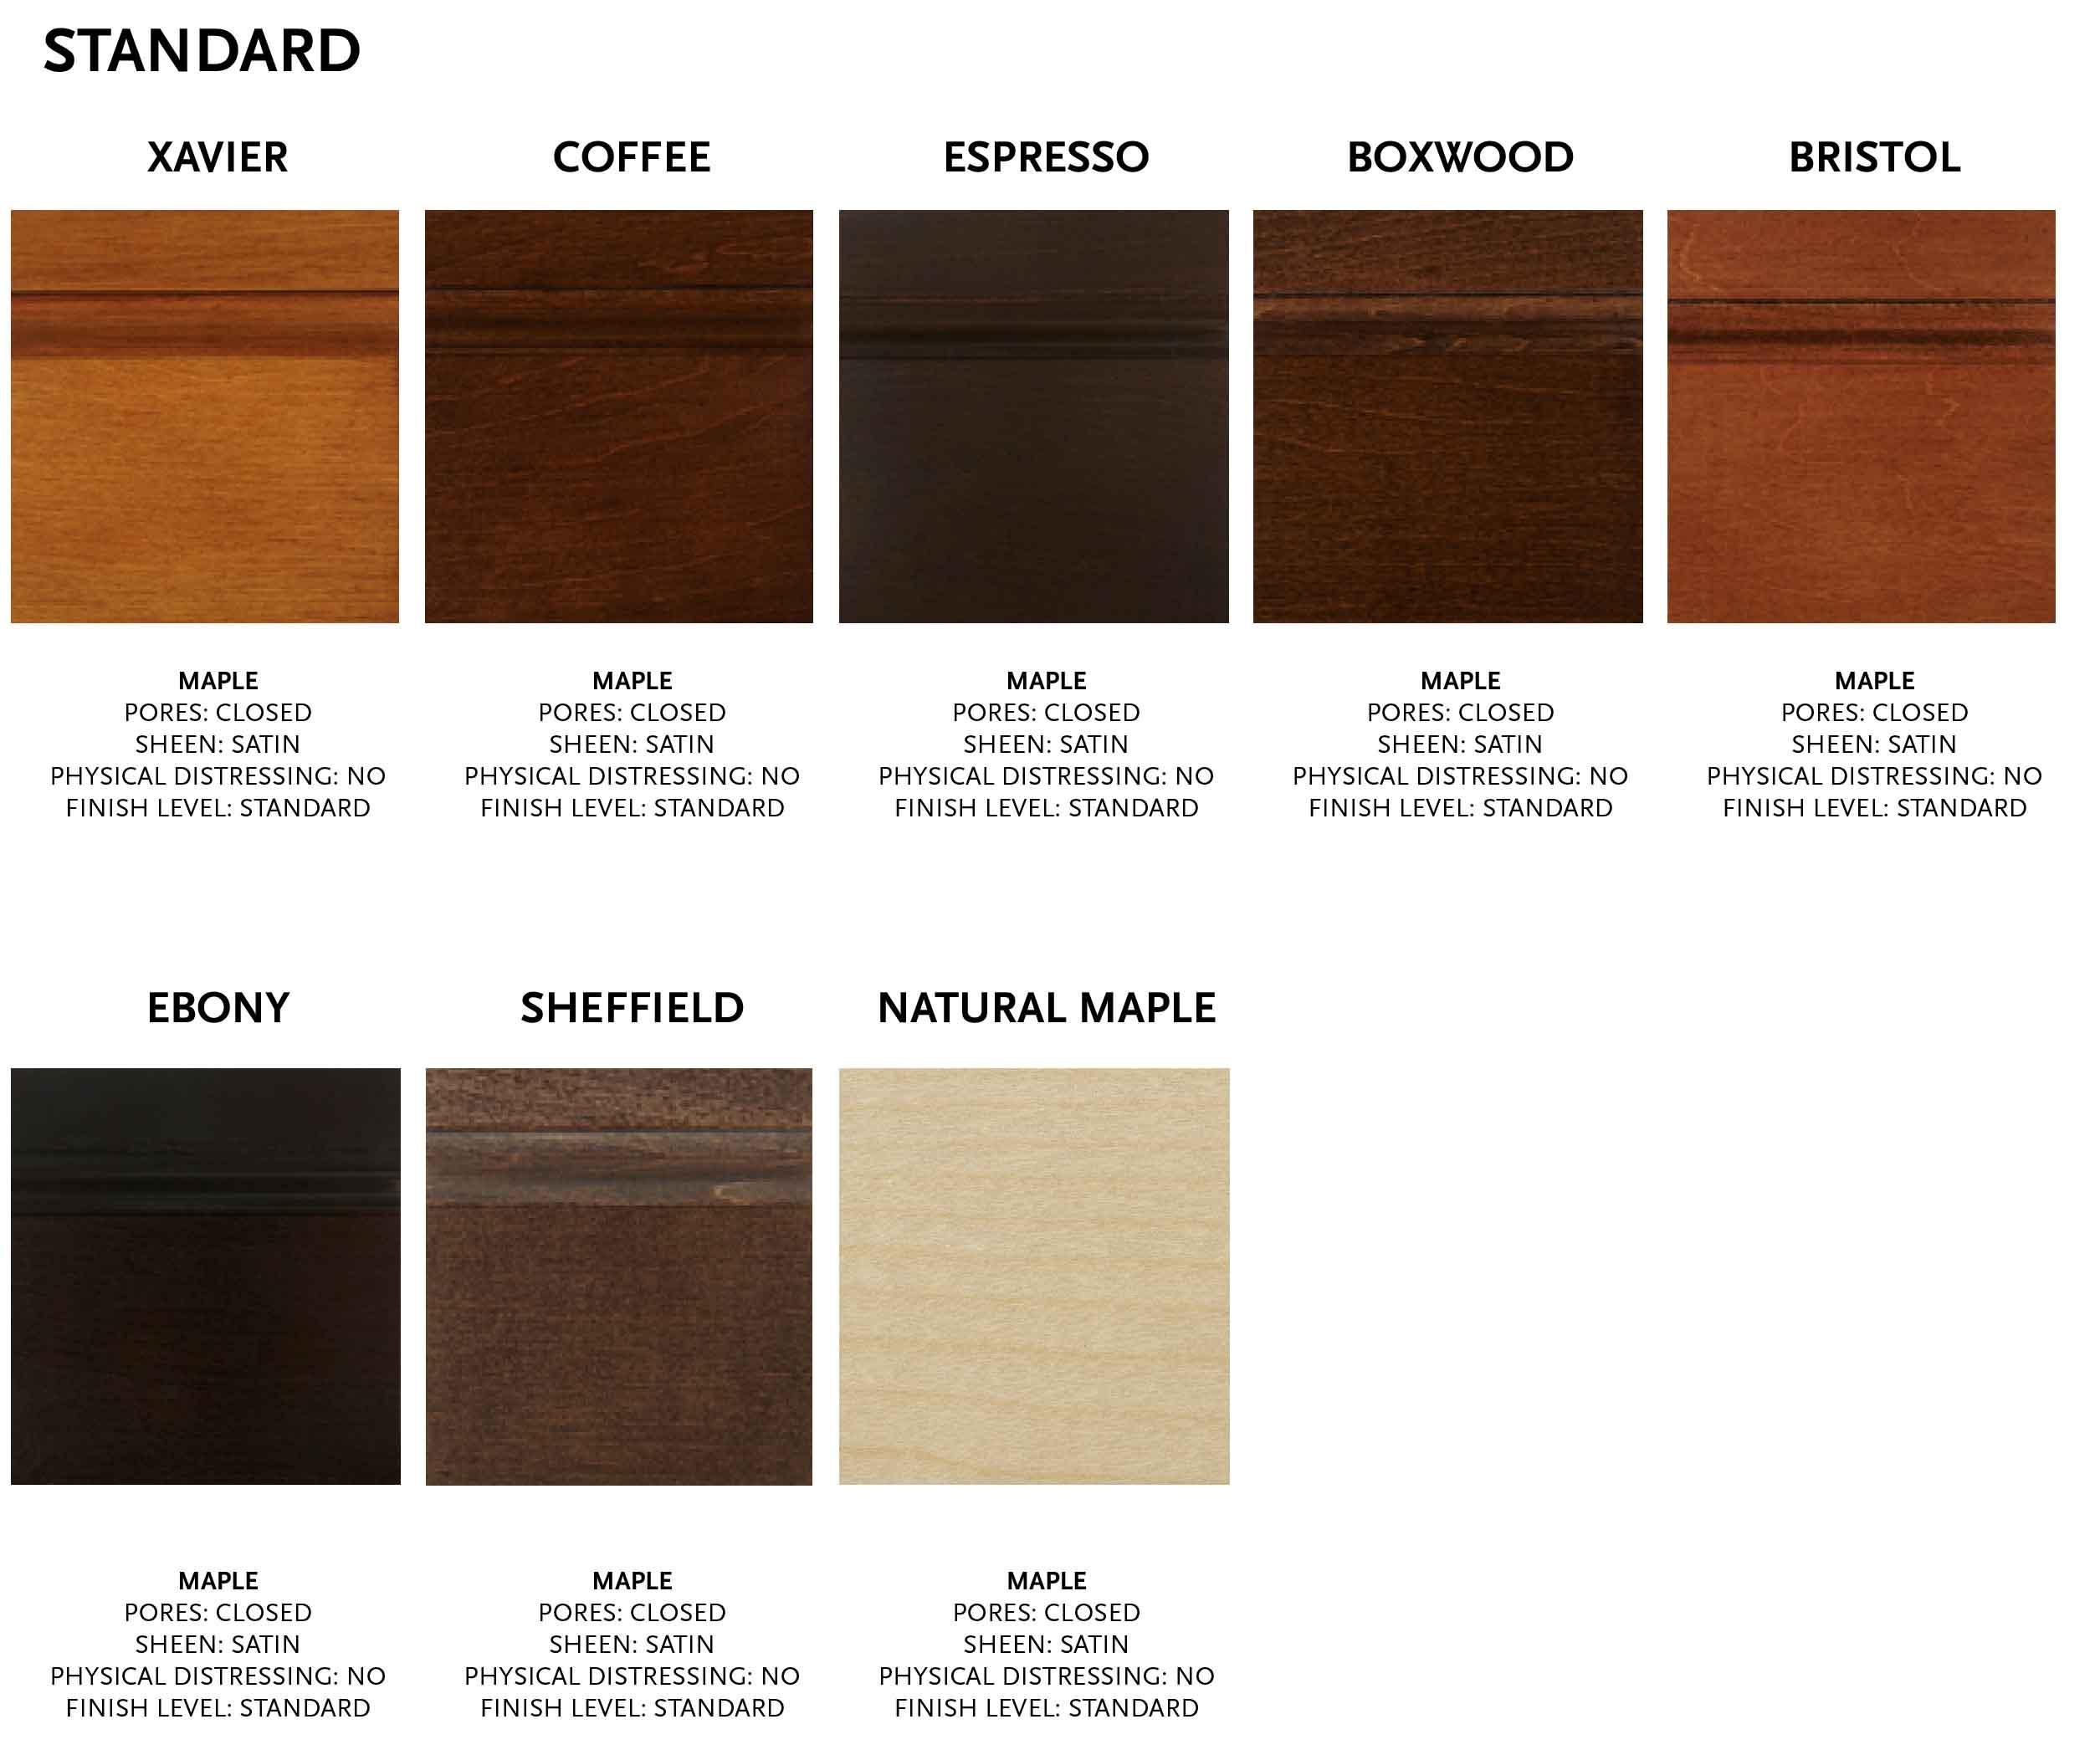 avery-boardman-standard3-maple-finishes.jpg